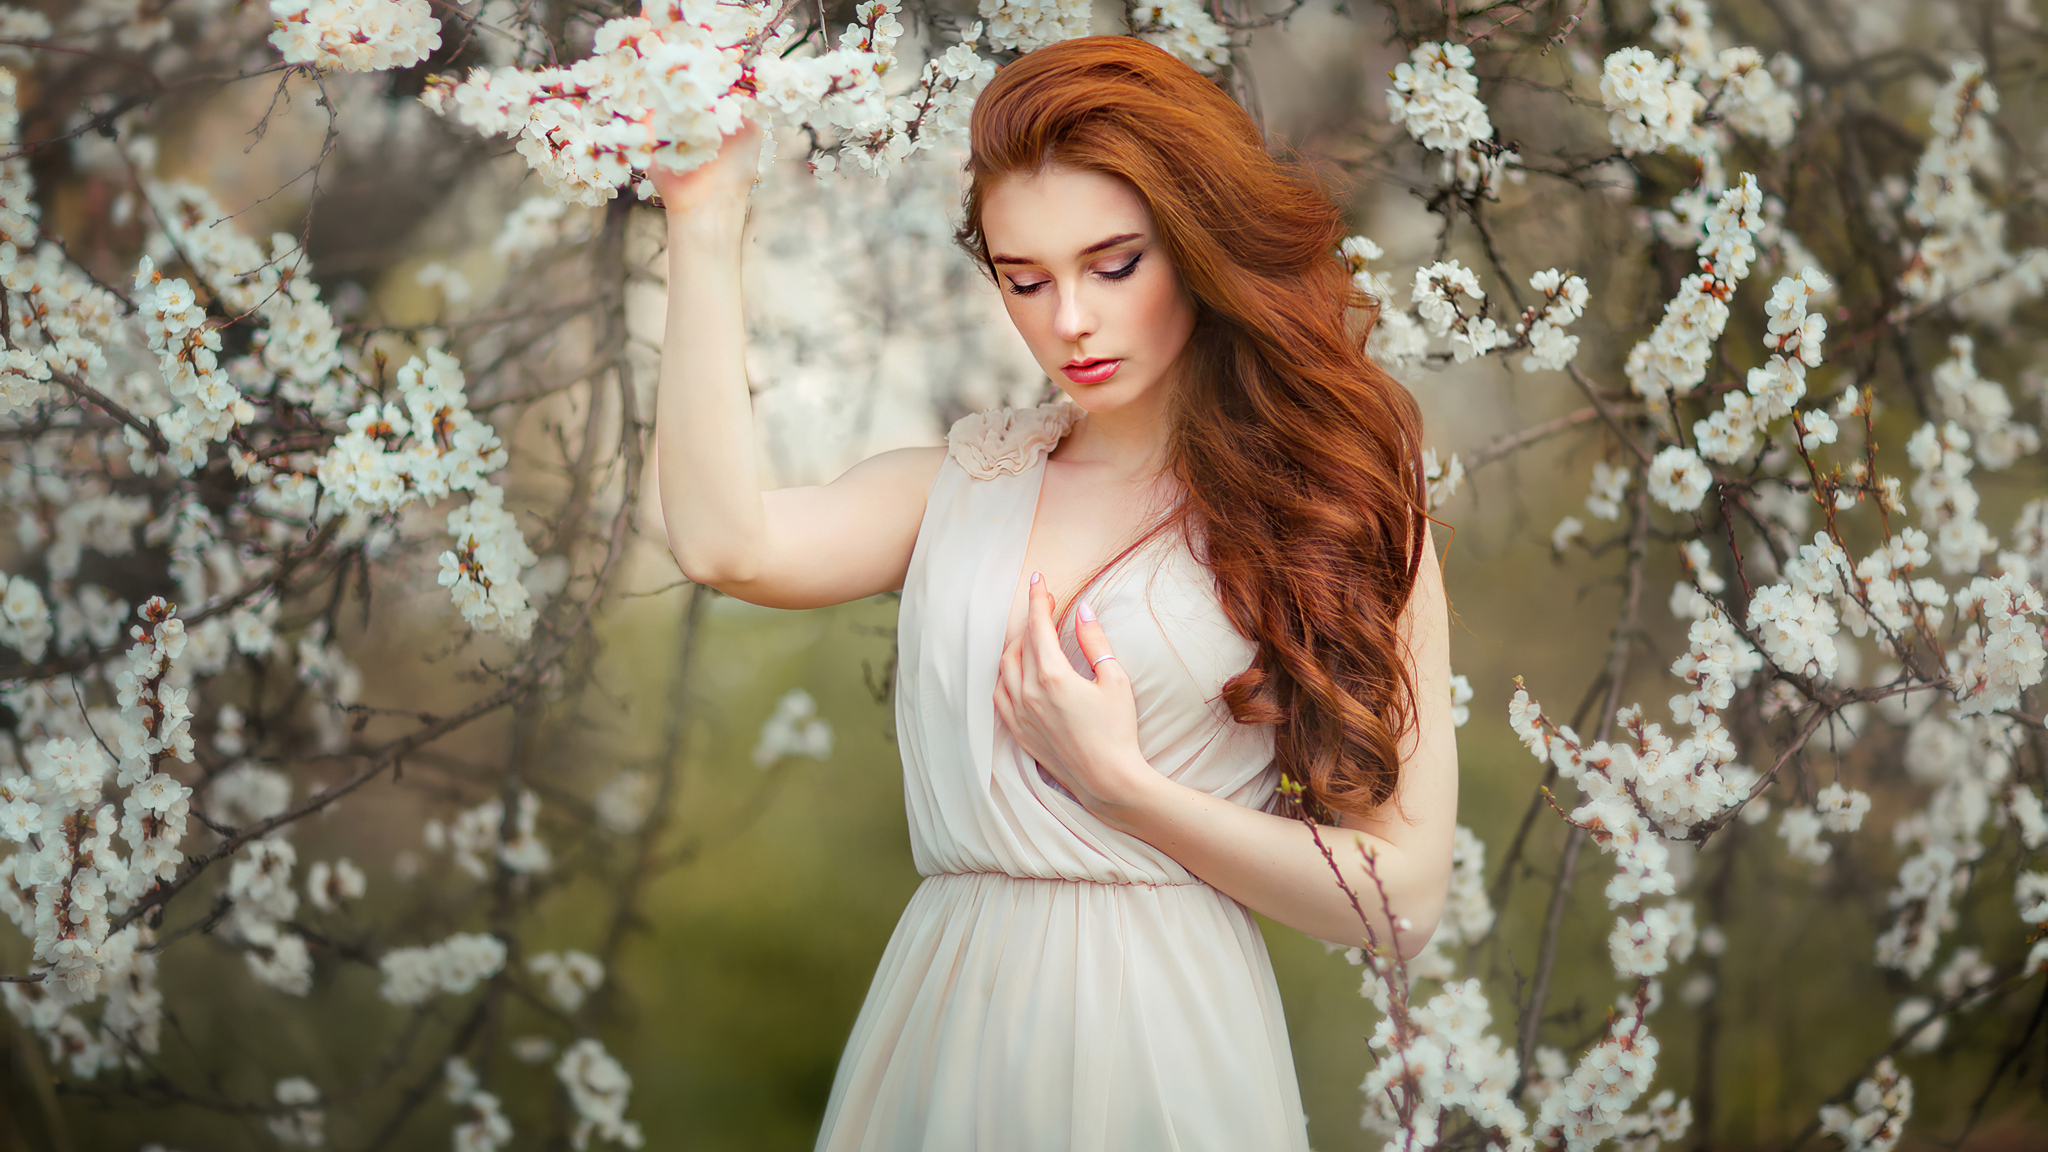 girl-in-white-flowers-4k-6u.jpg